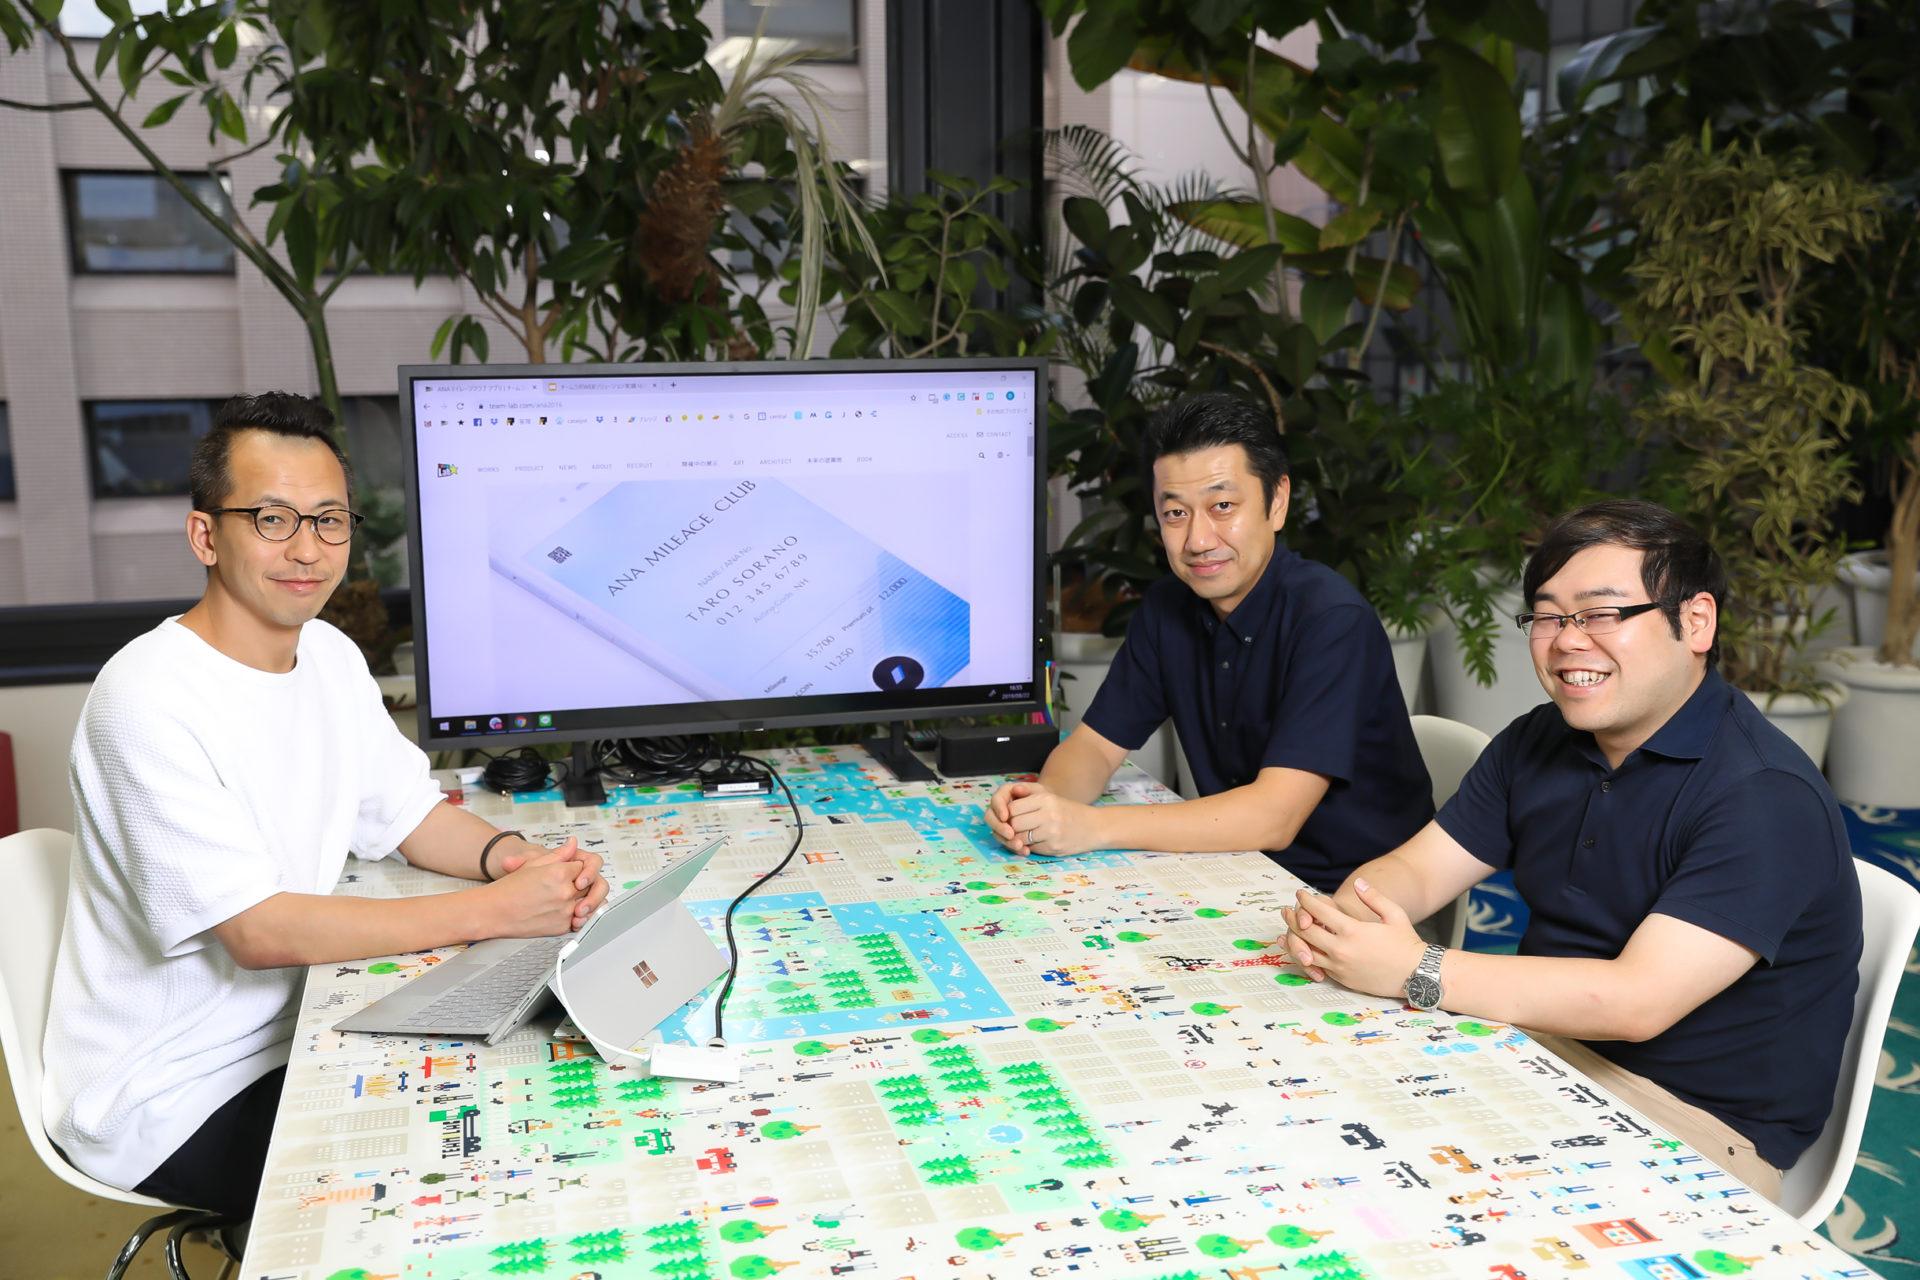 チームラボ:取締役 Director, Co-Founder 堺大輔氏、アールストーン:代表取締役 吉岡誠司、コンサルタント 高山勇気